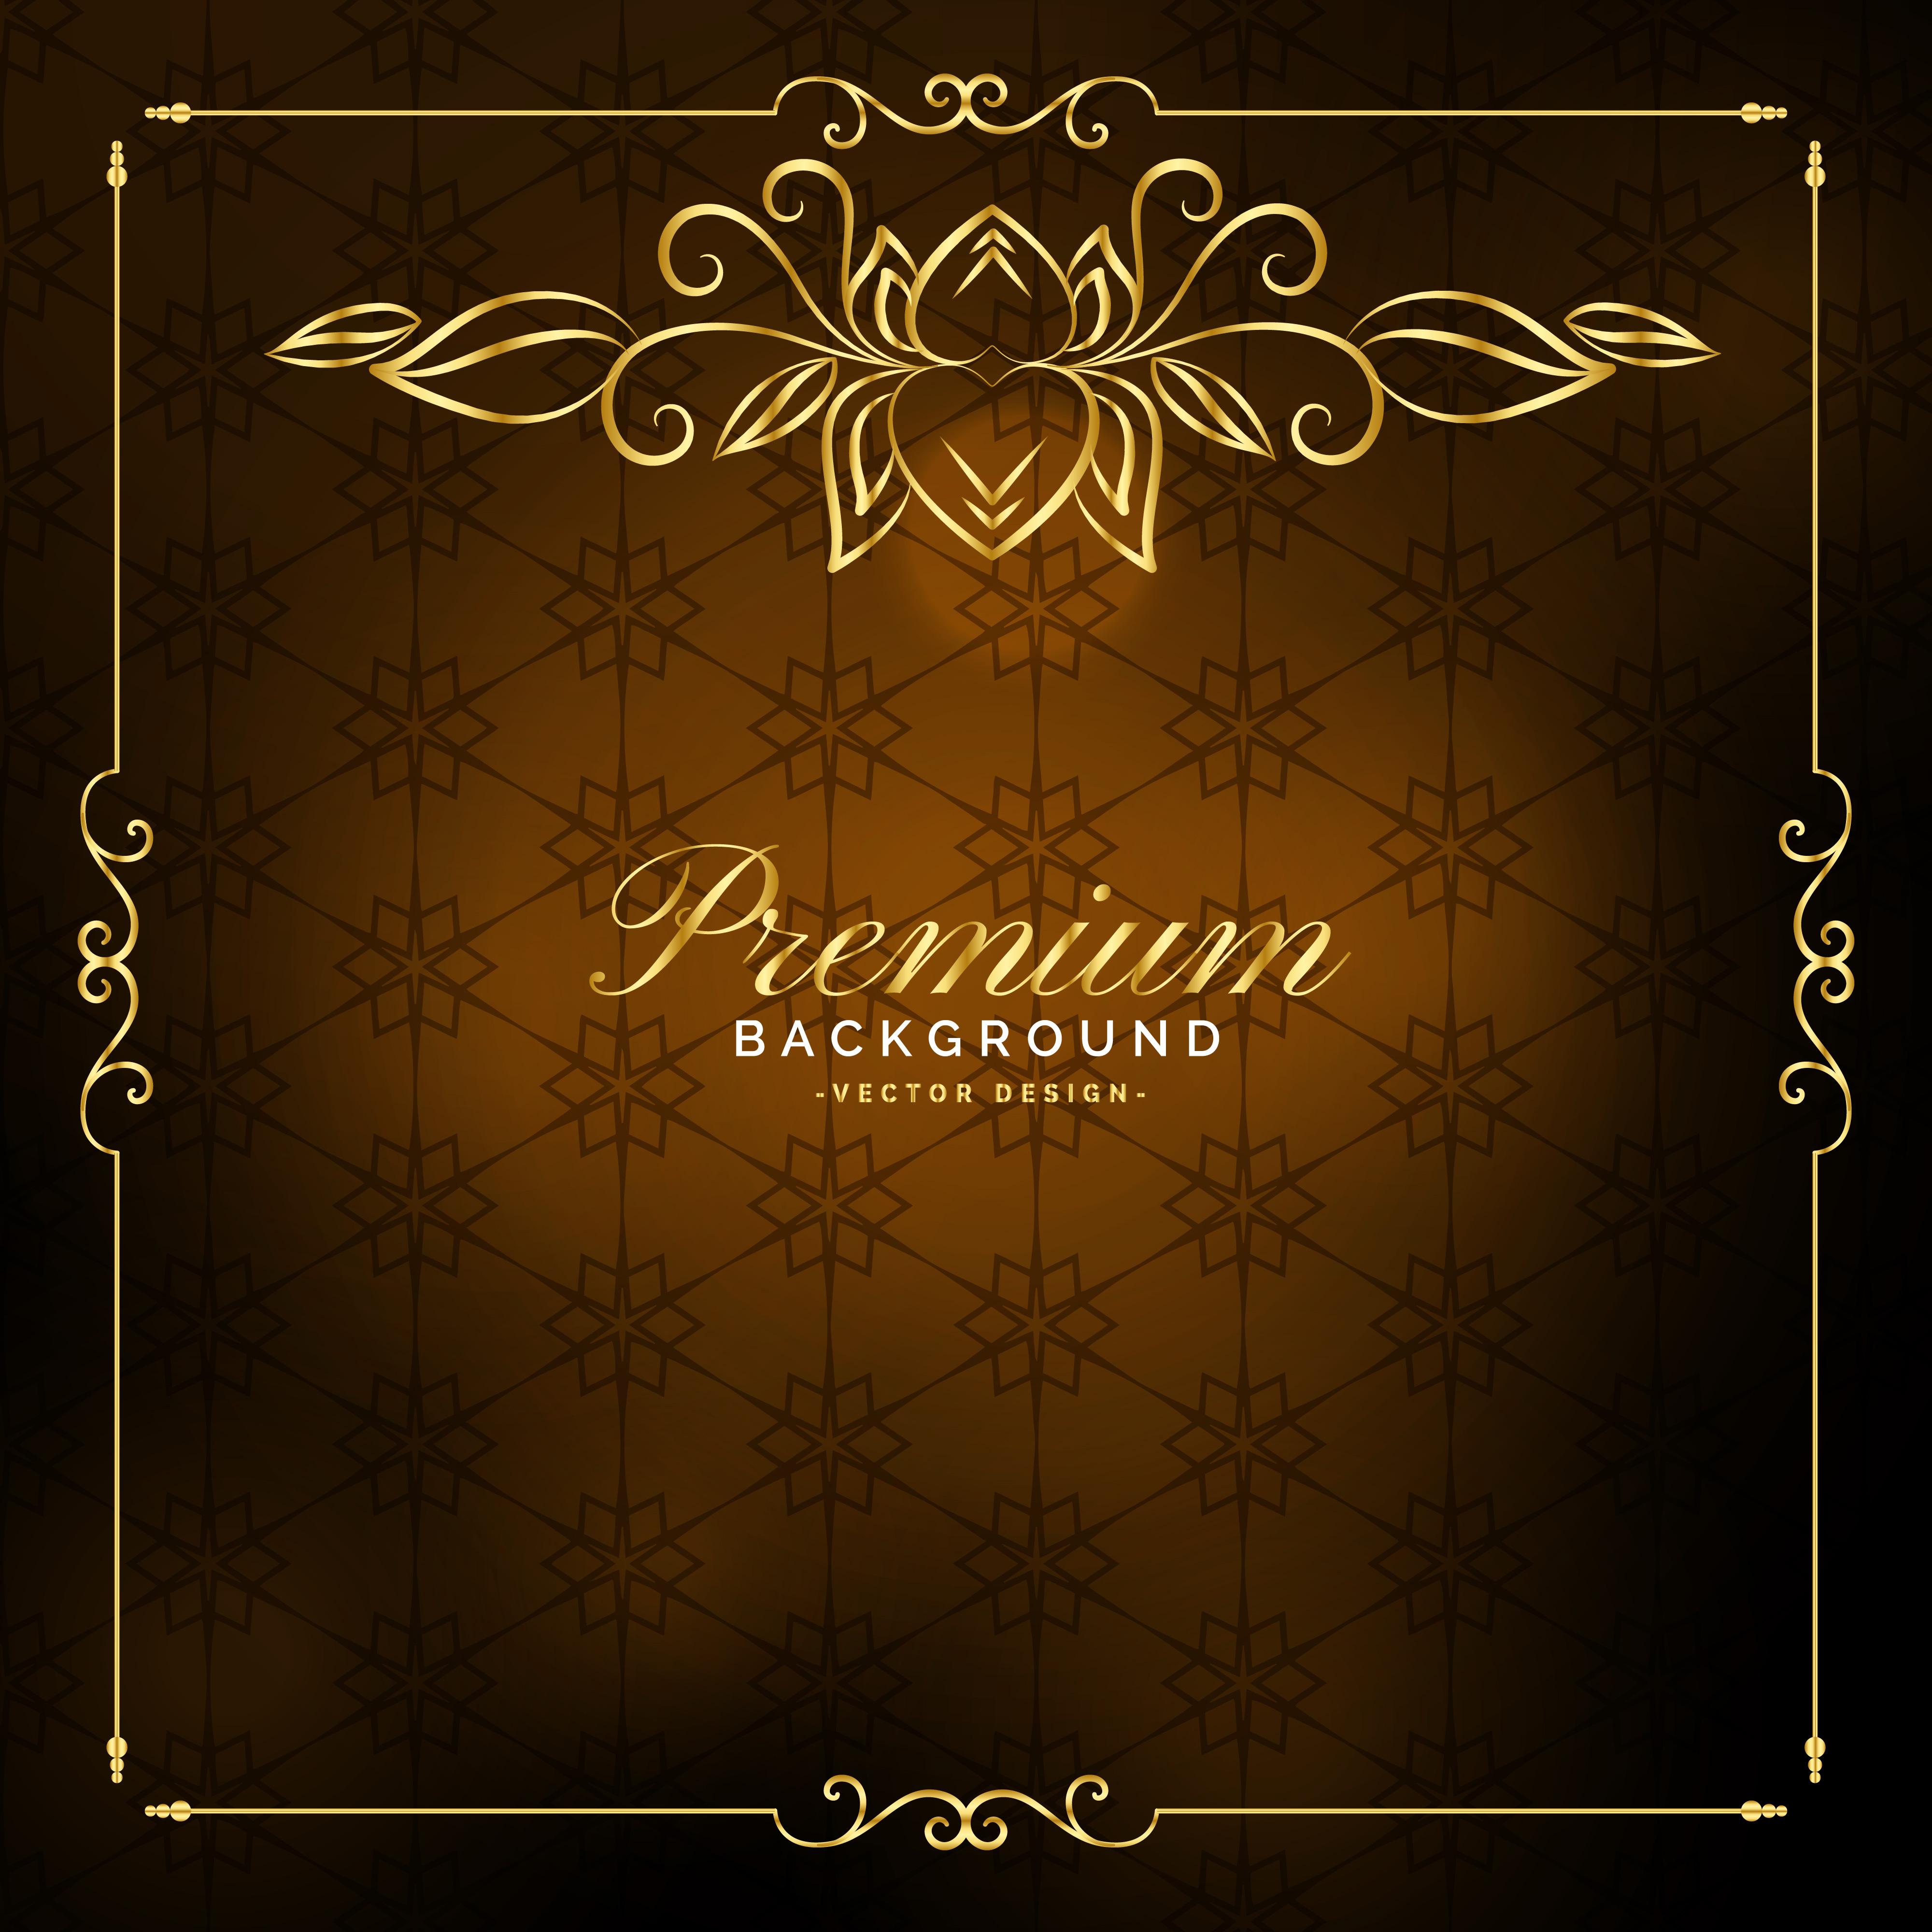 luxury premium golden vintage background design  download